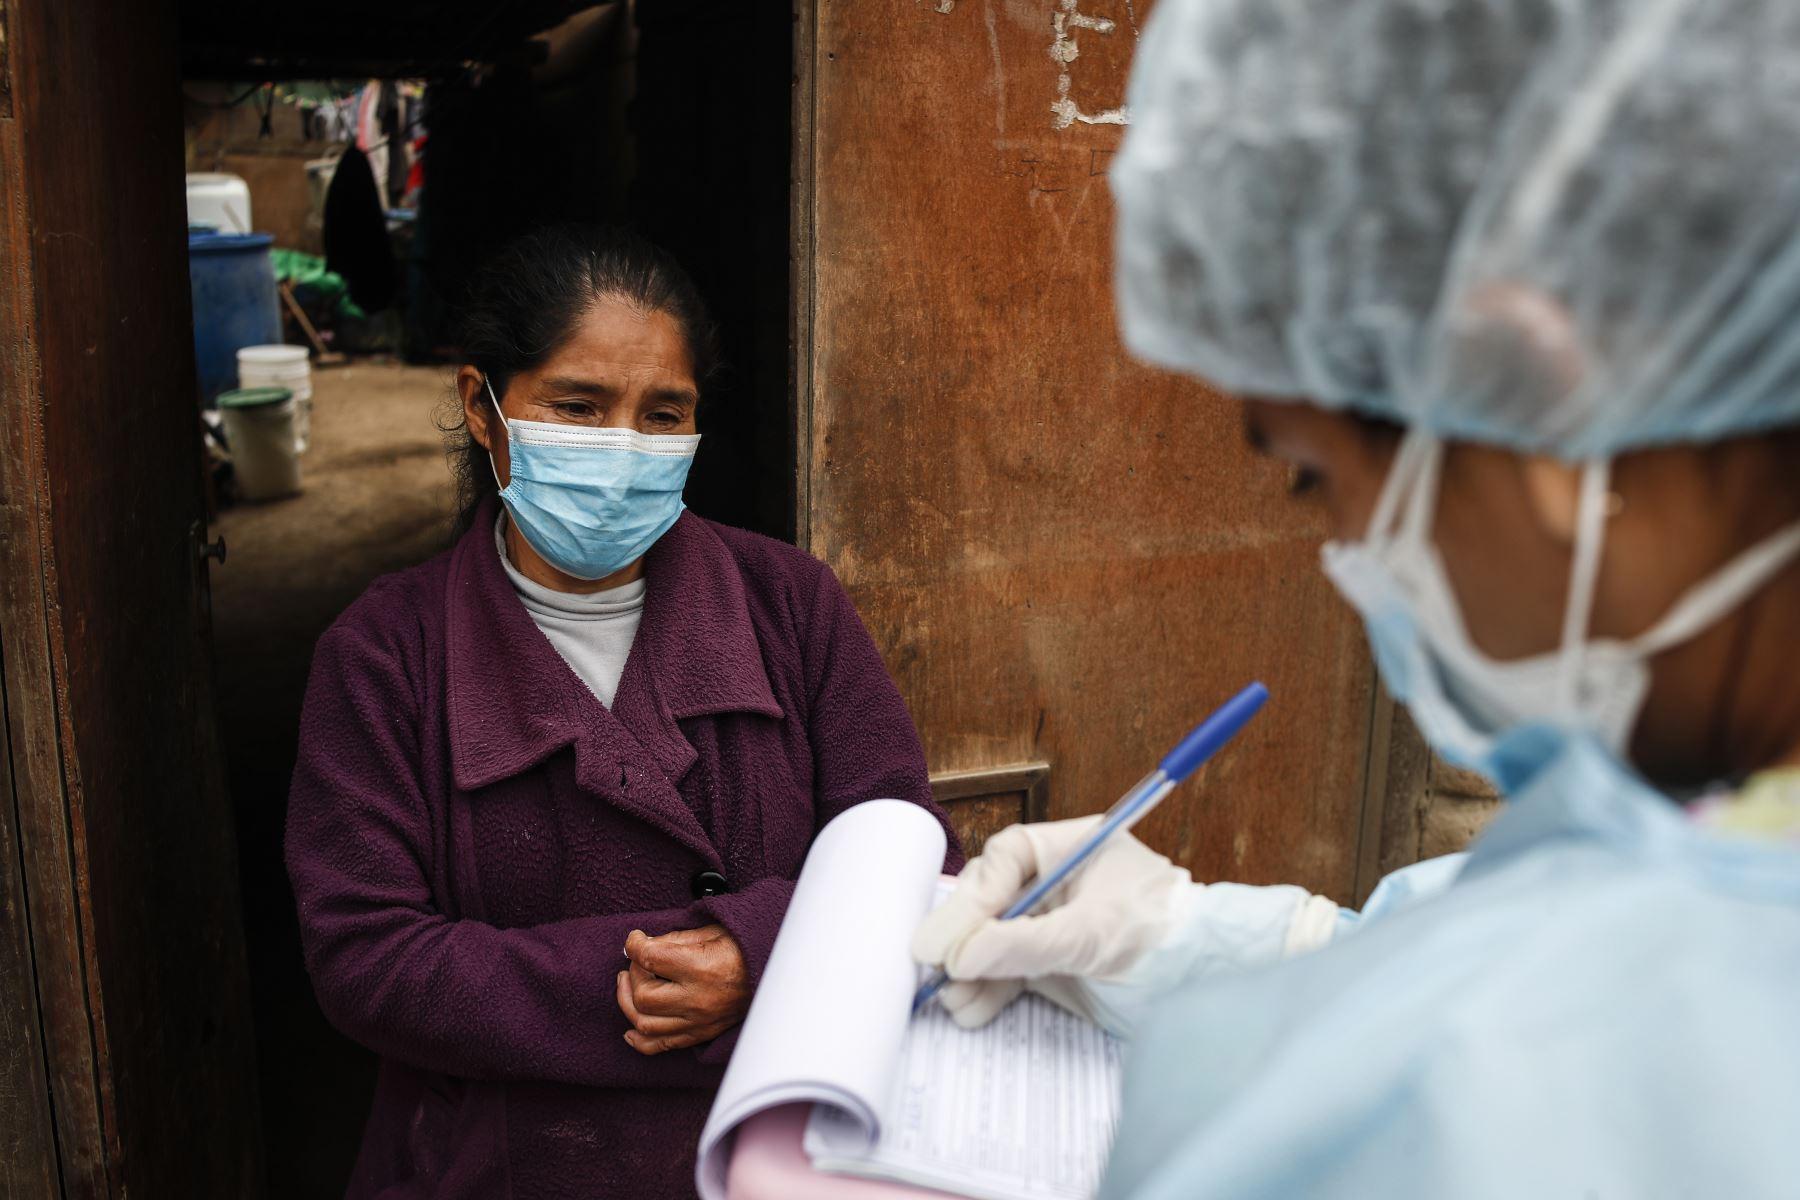 Los médicos llevan registro de todos las personas intervenidas durante la jornada. Foto: ANDINA/Renato Pajuelo